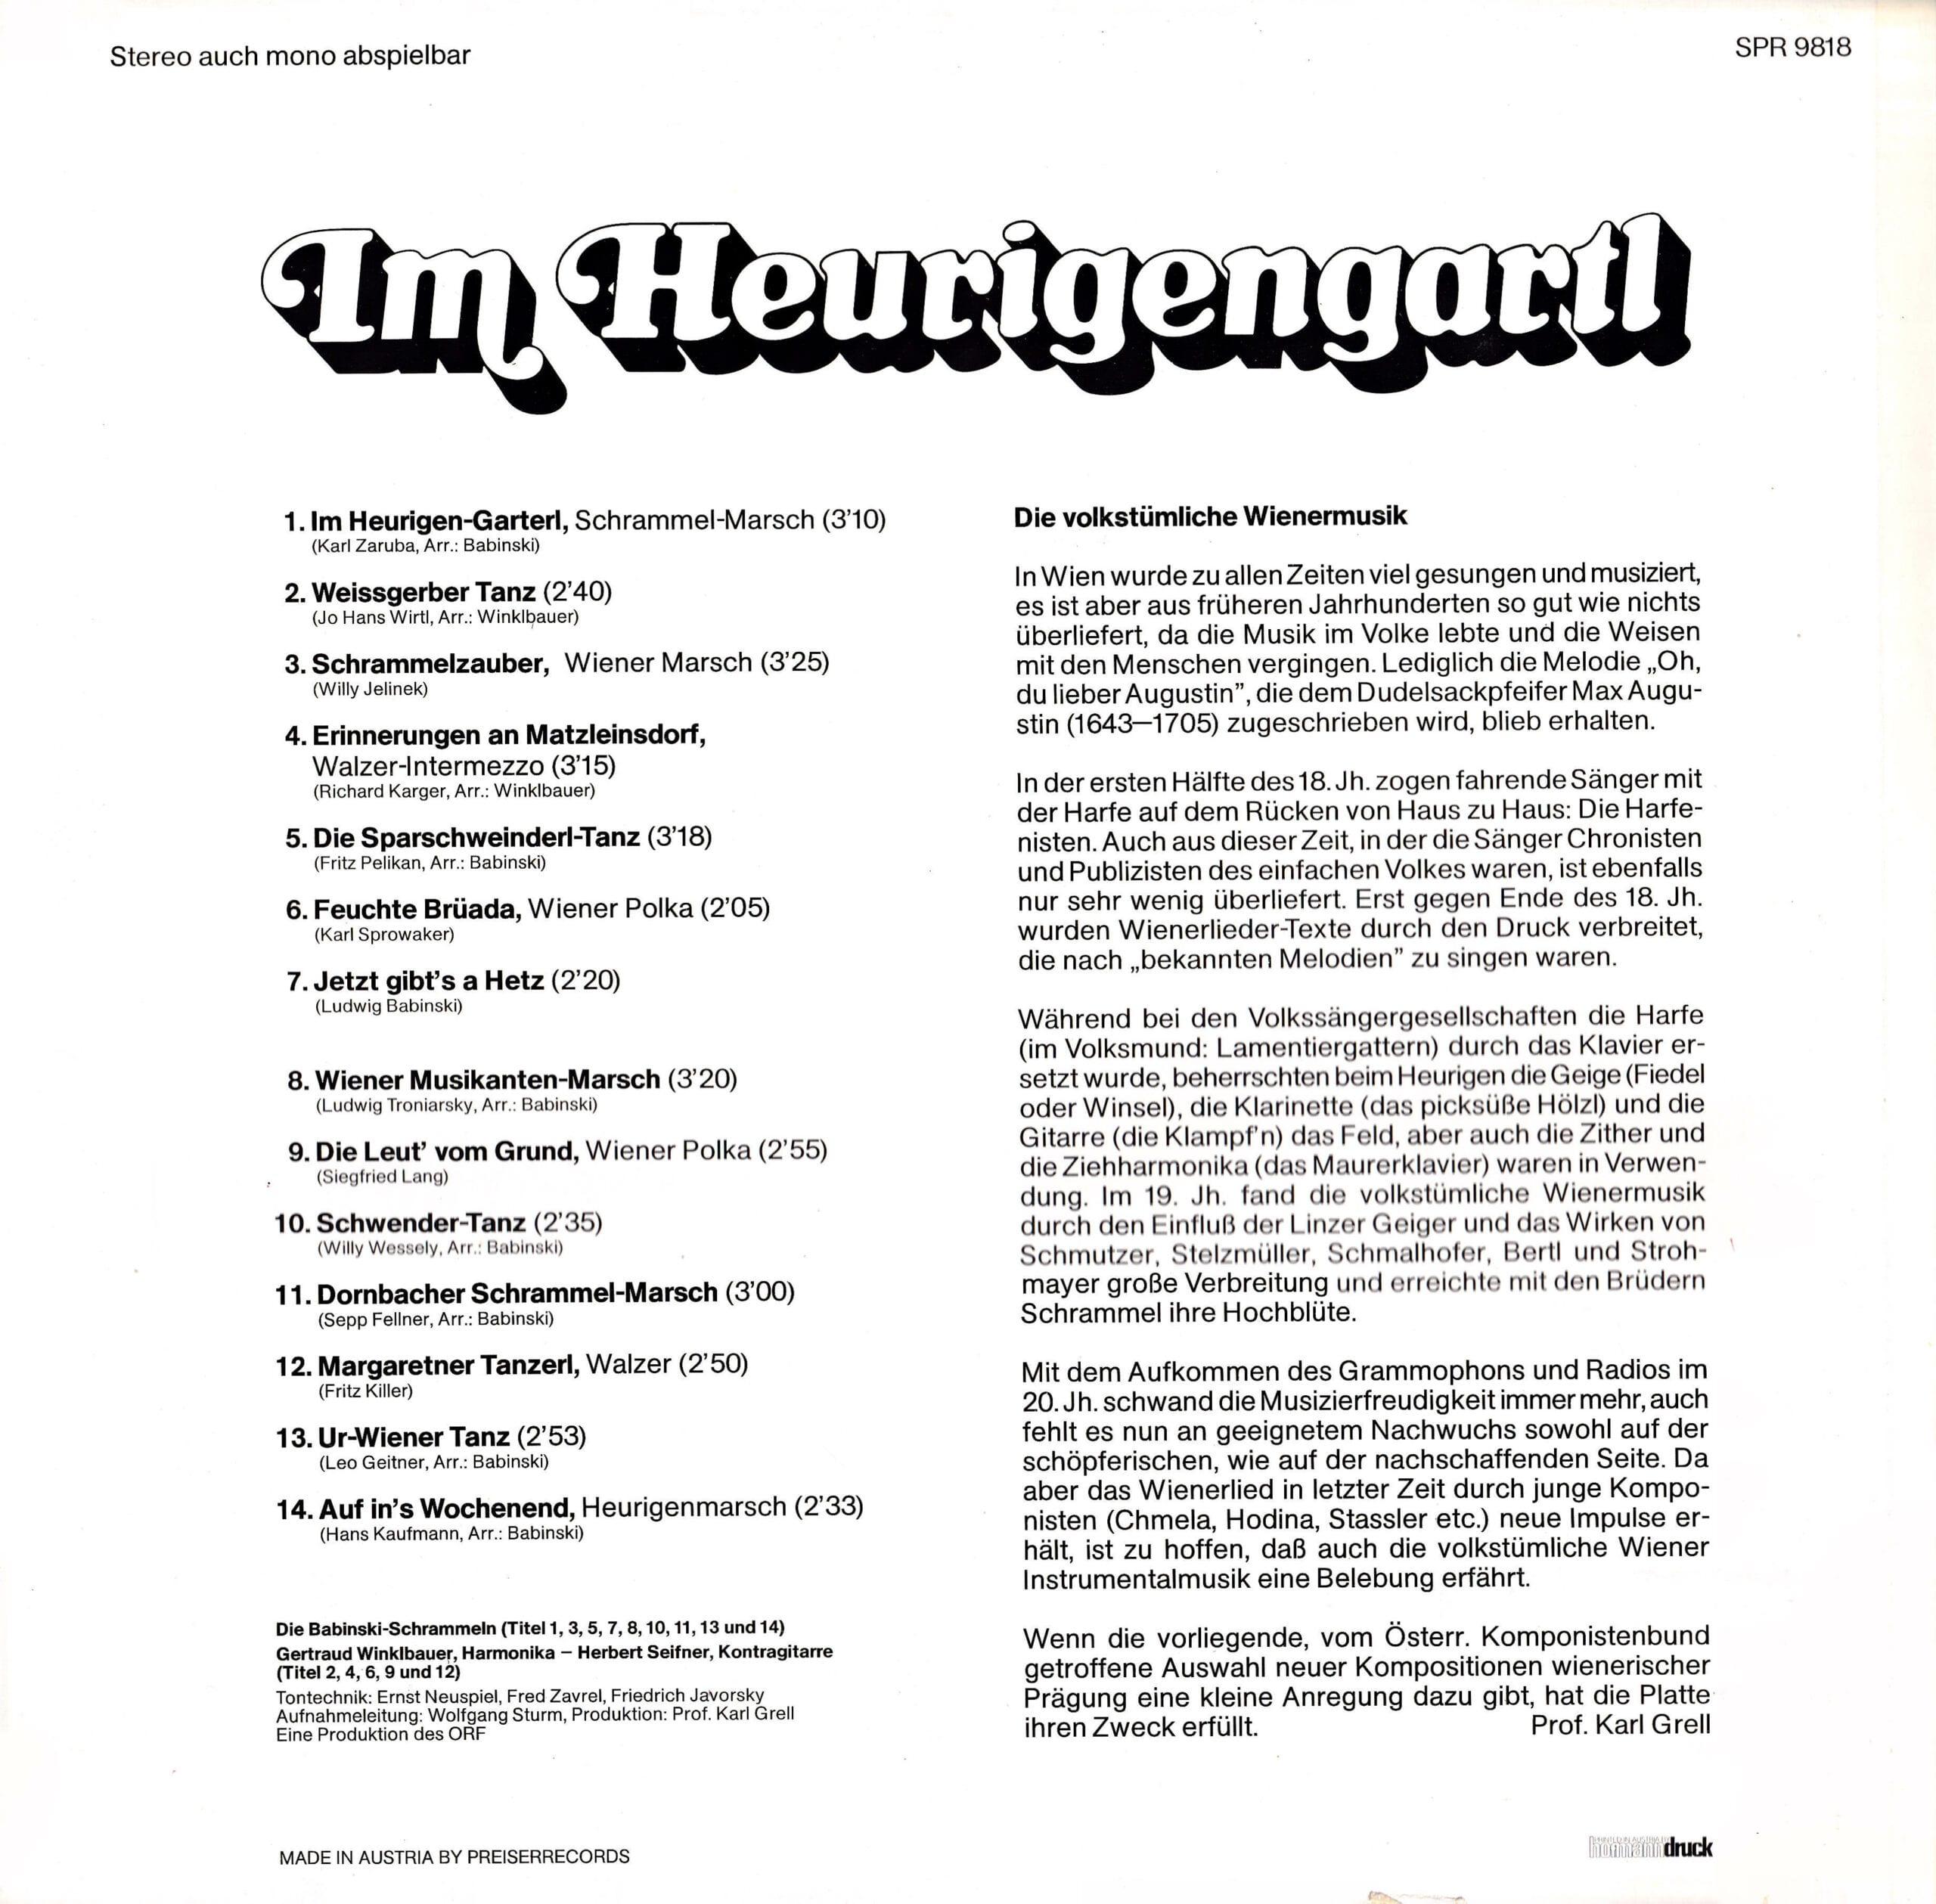 Im Heurigengartl – 2